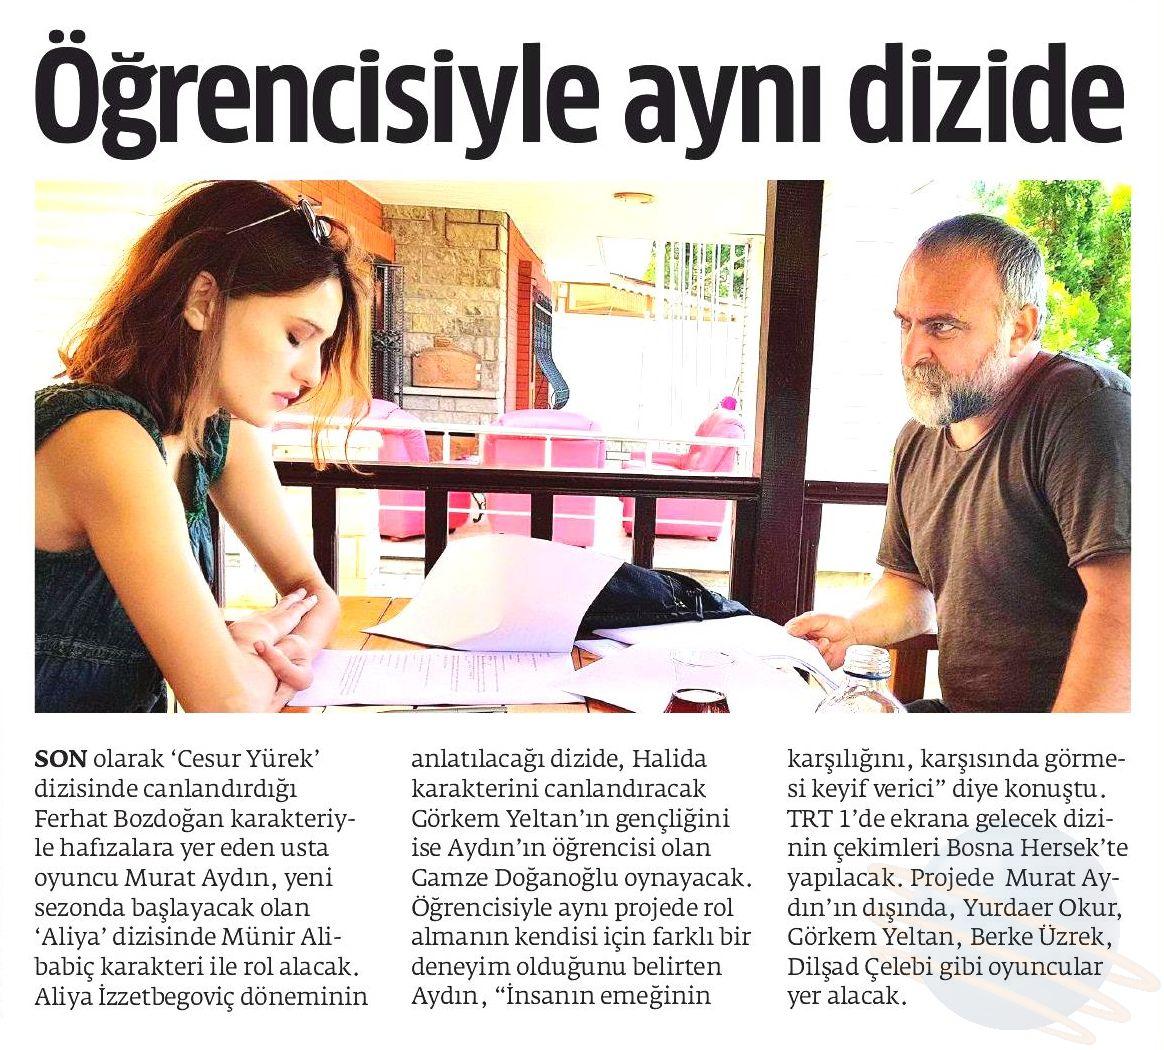 Mandalina Oyunculuk Kursu ve Murat Aydın - Akşam Gazetesi Haberi